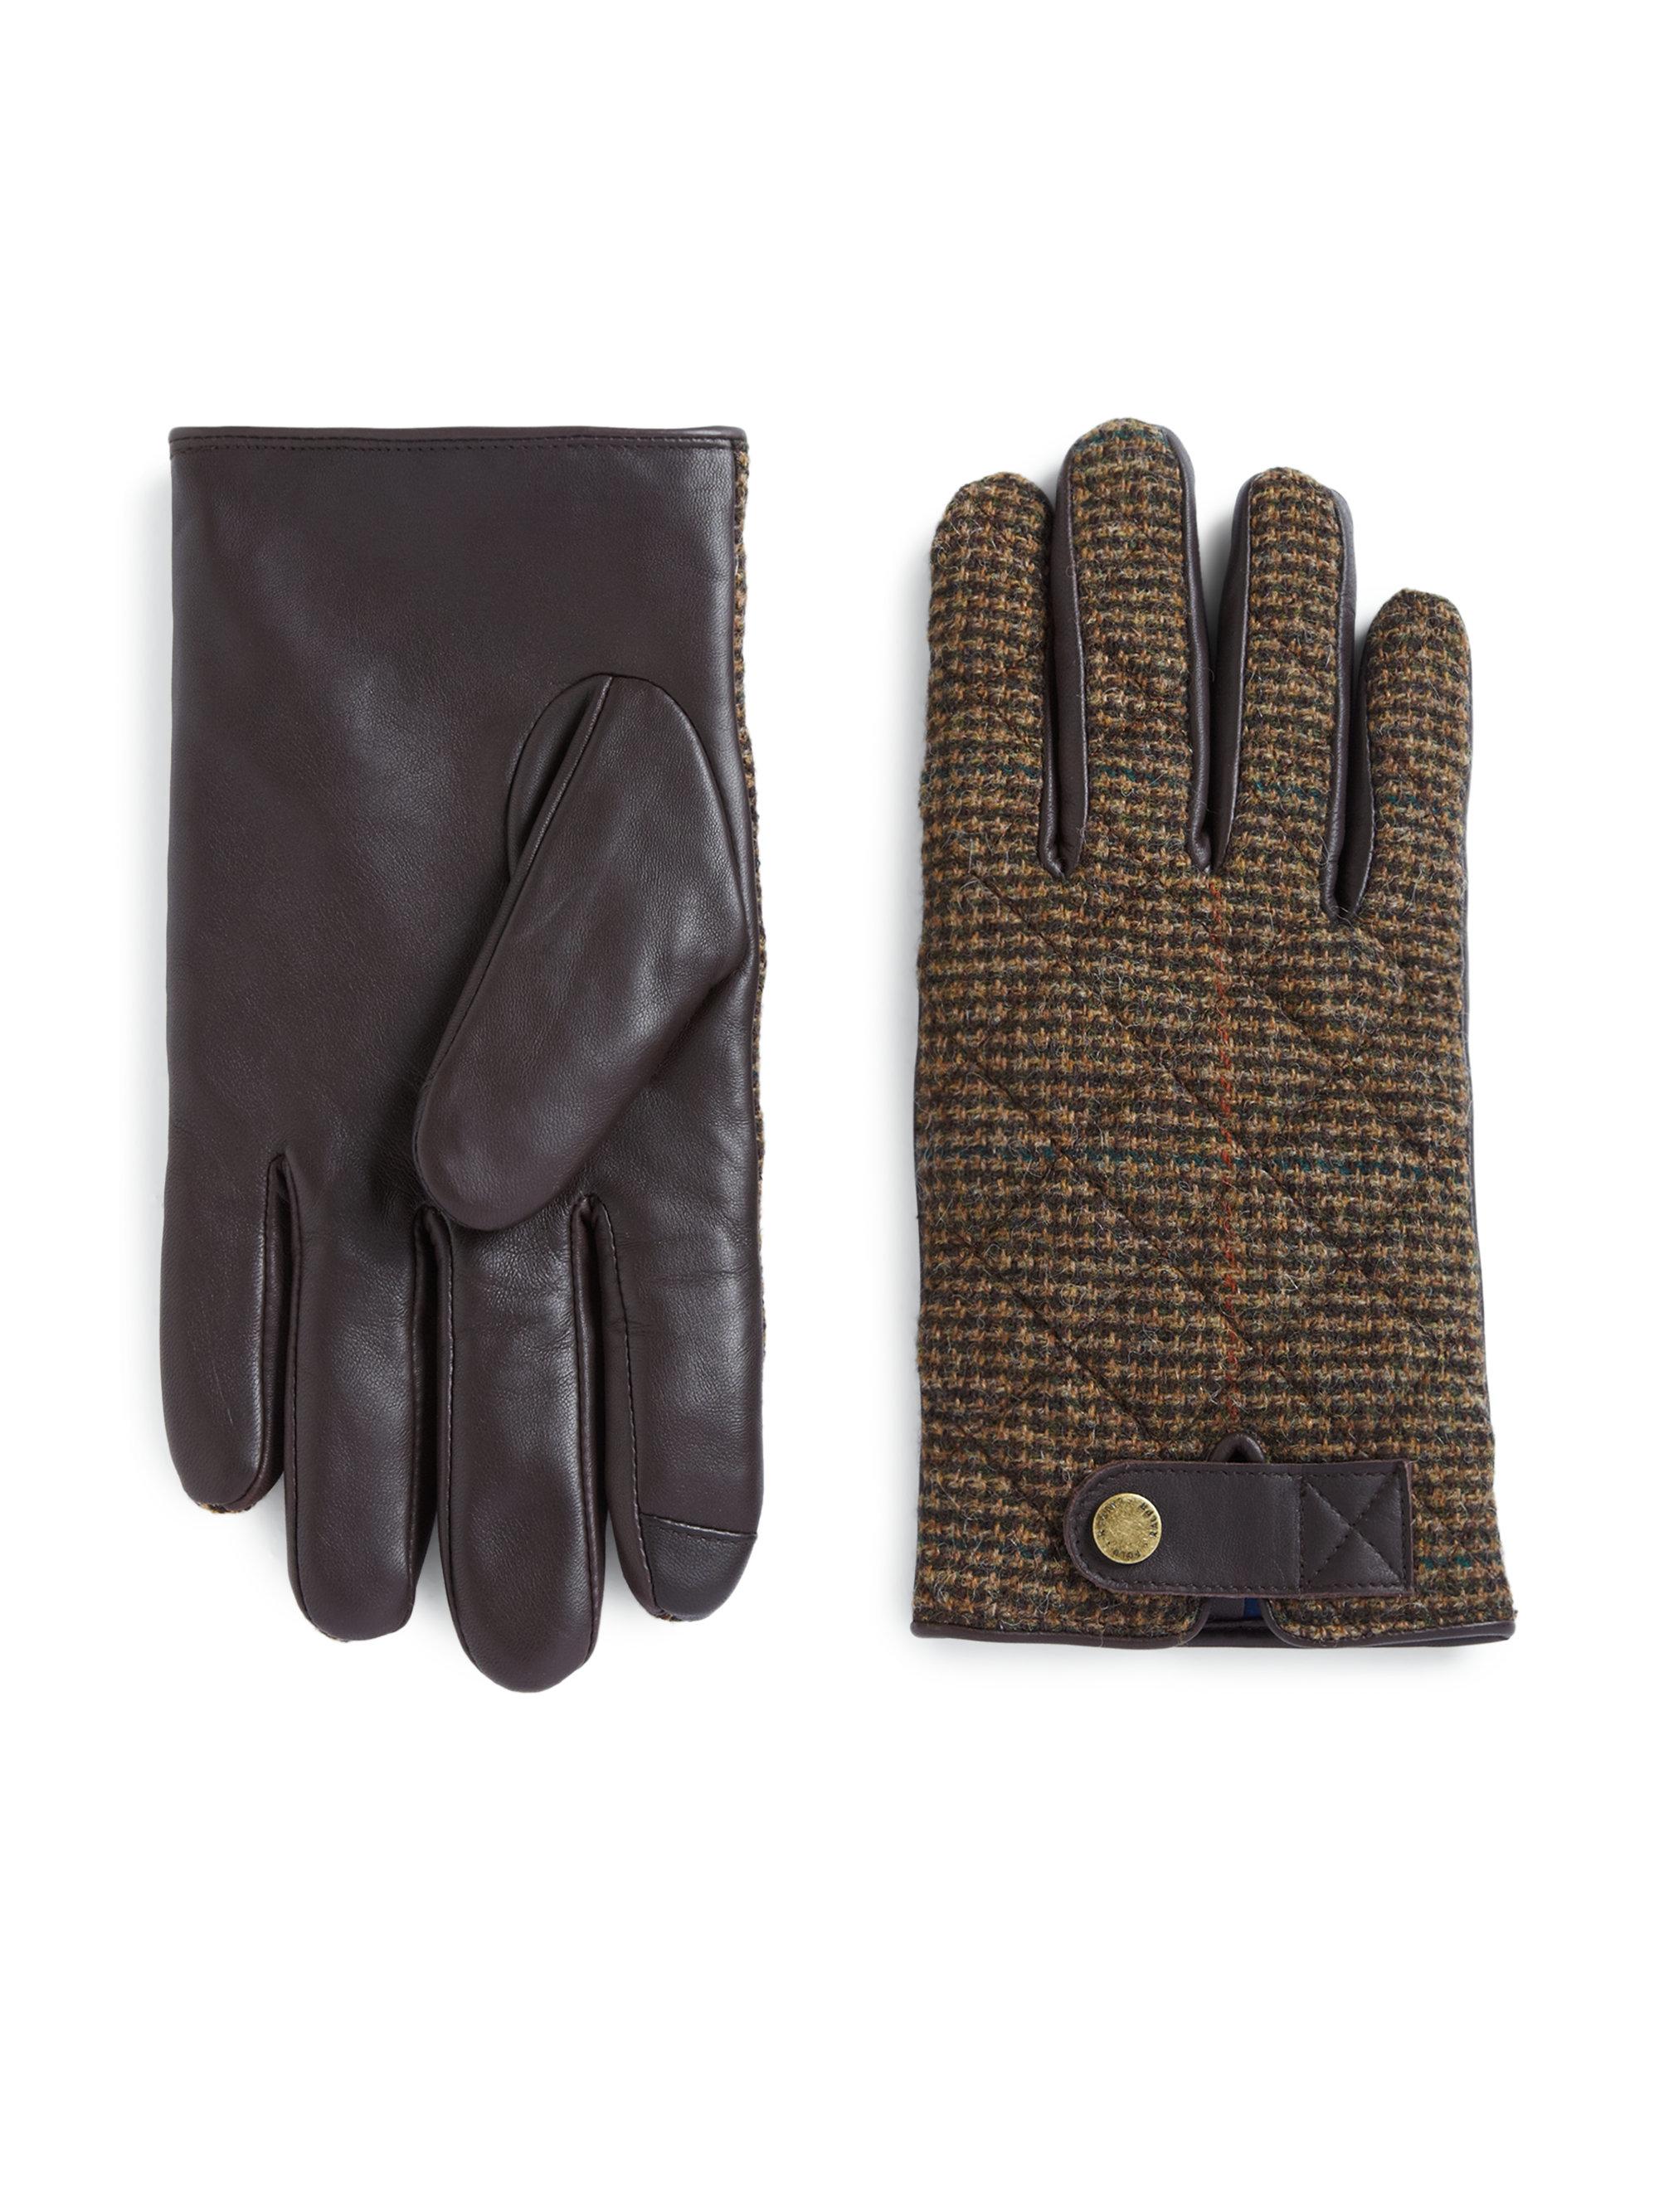 40424d63d9ee5 ralph lauren womens fingerless gloves mens ralph lauren polo t ...